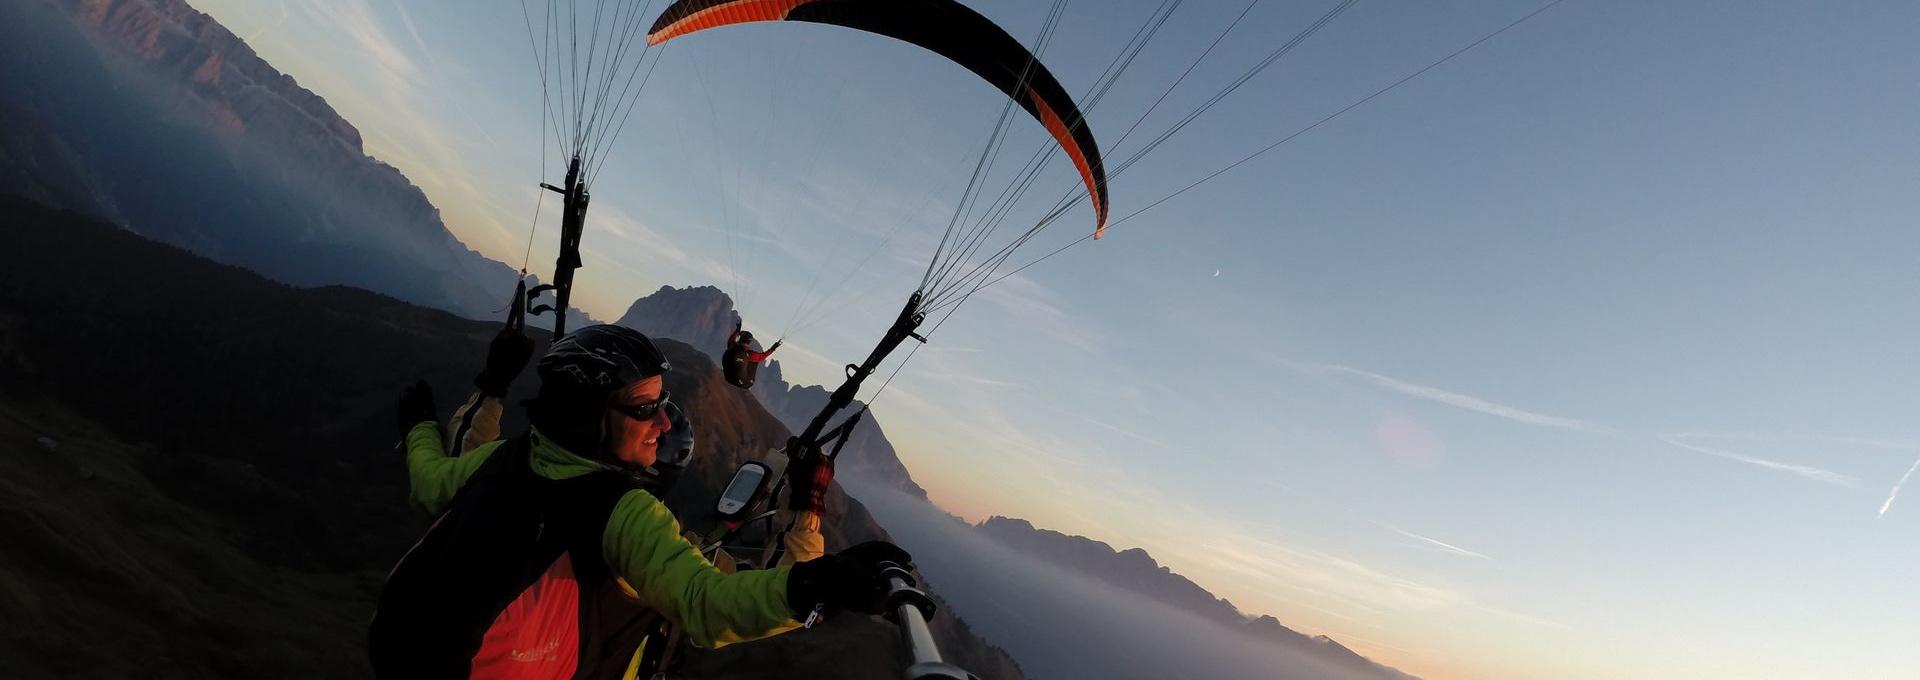 Tandem flight paragliding Dolomites